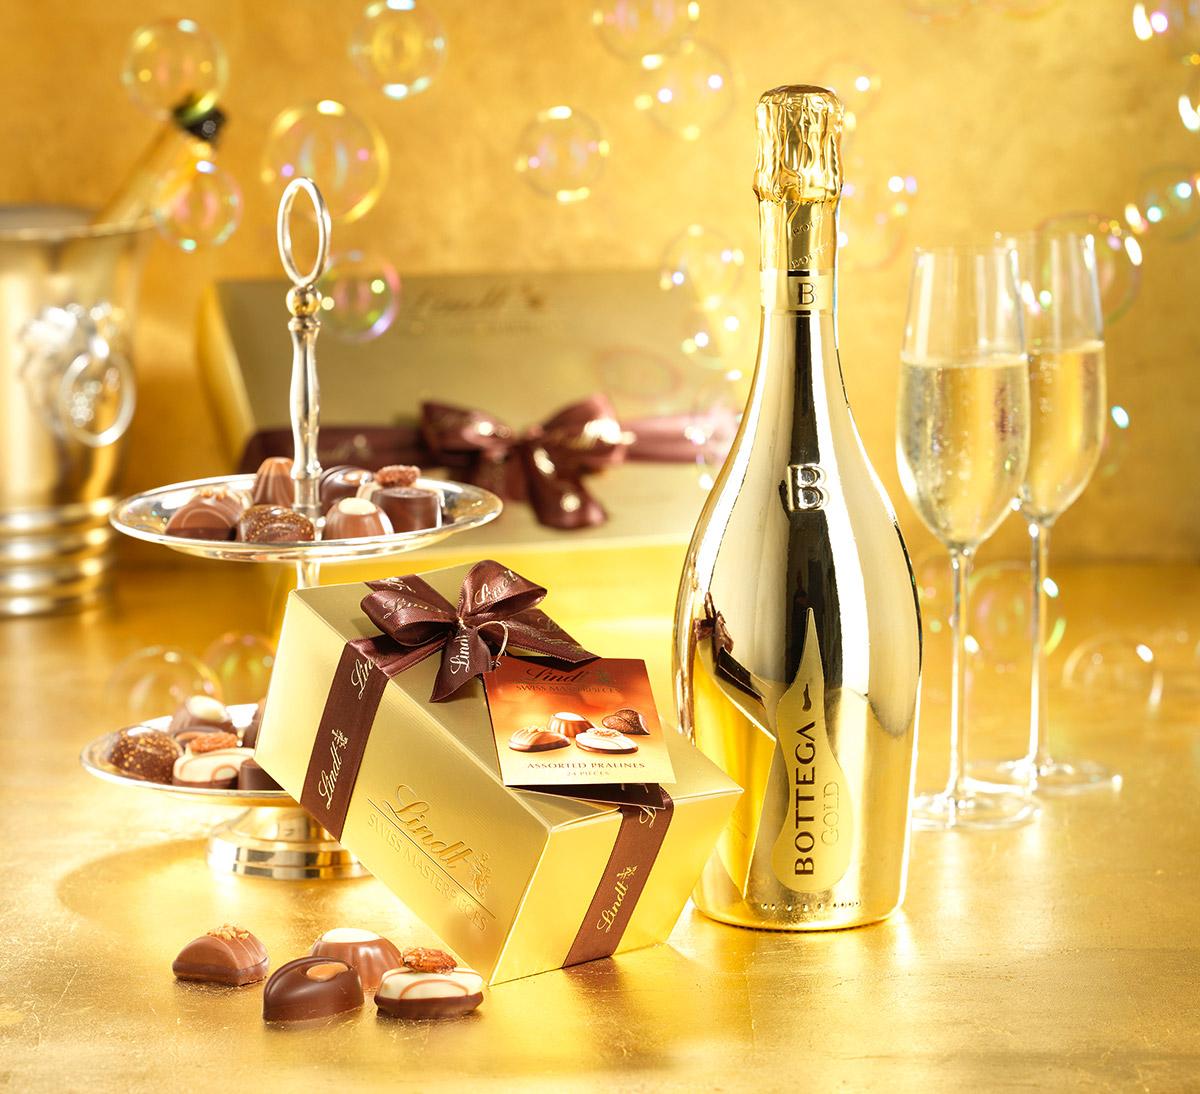 Bottega Lindt gold gift set 2